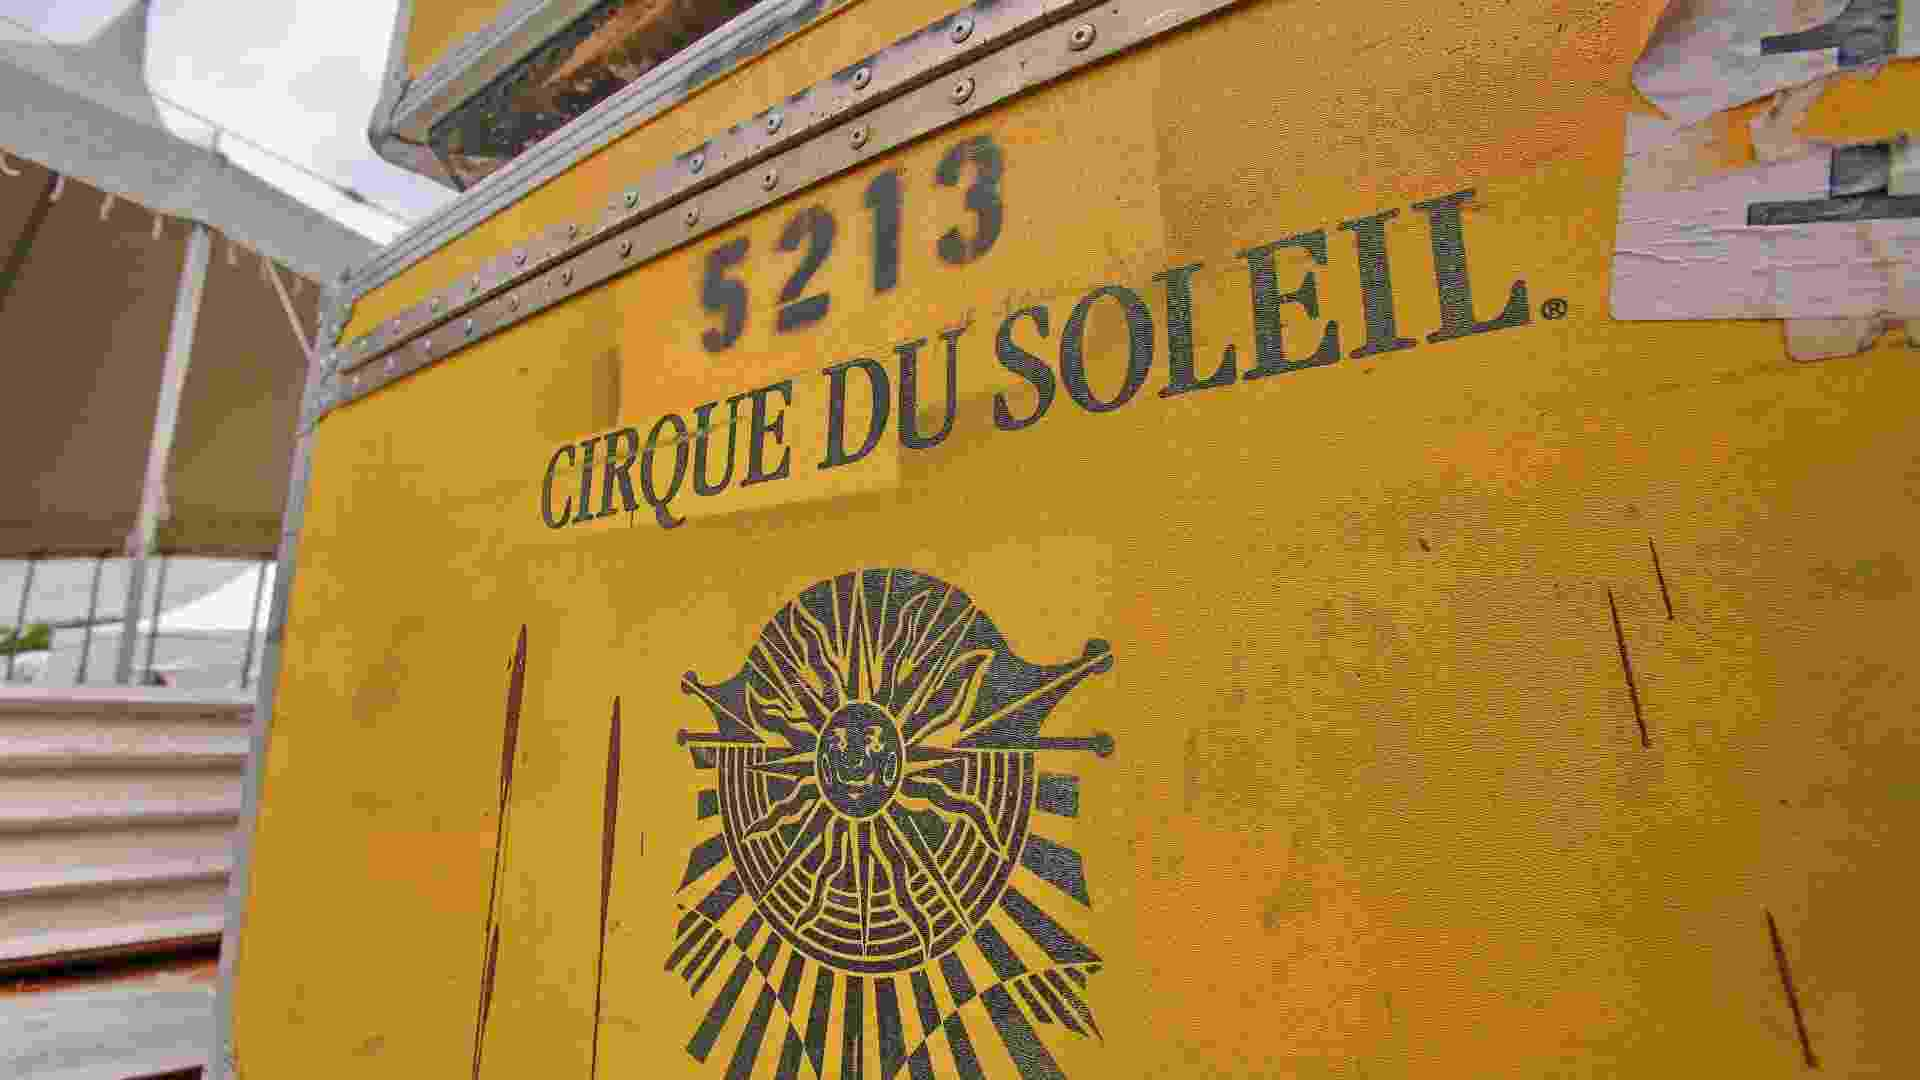 """18.mar.2013 - A montagem da estrutura que vai abrigar o espetáculo """"Corteo"""" do Cirque du Soleil foi iniciada no Parque Villa Lobos, em São Paulo, com a presença de 60 funcionários e mais de 100 hastes de aço sendo montadas - Divulgação"""